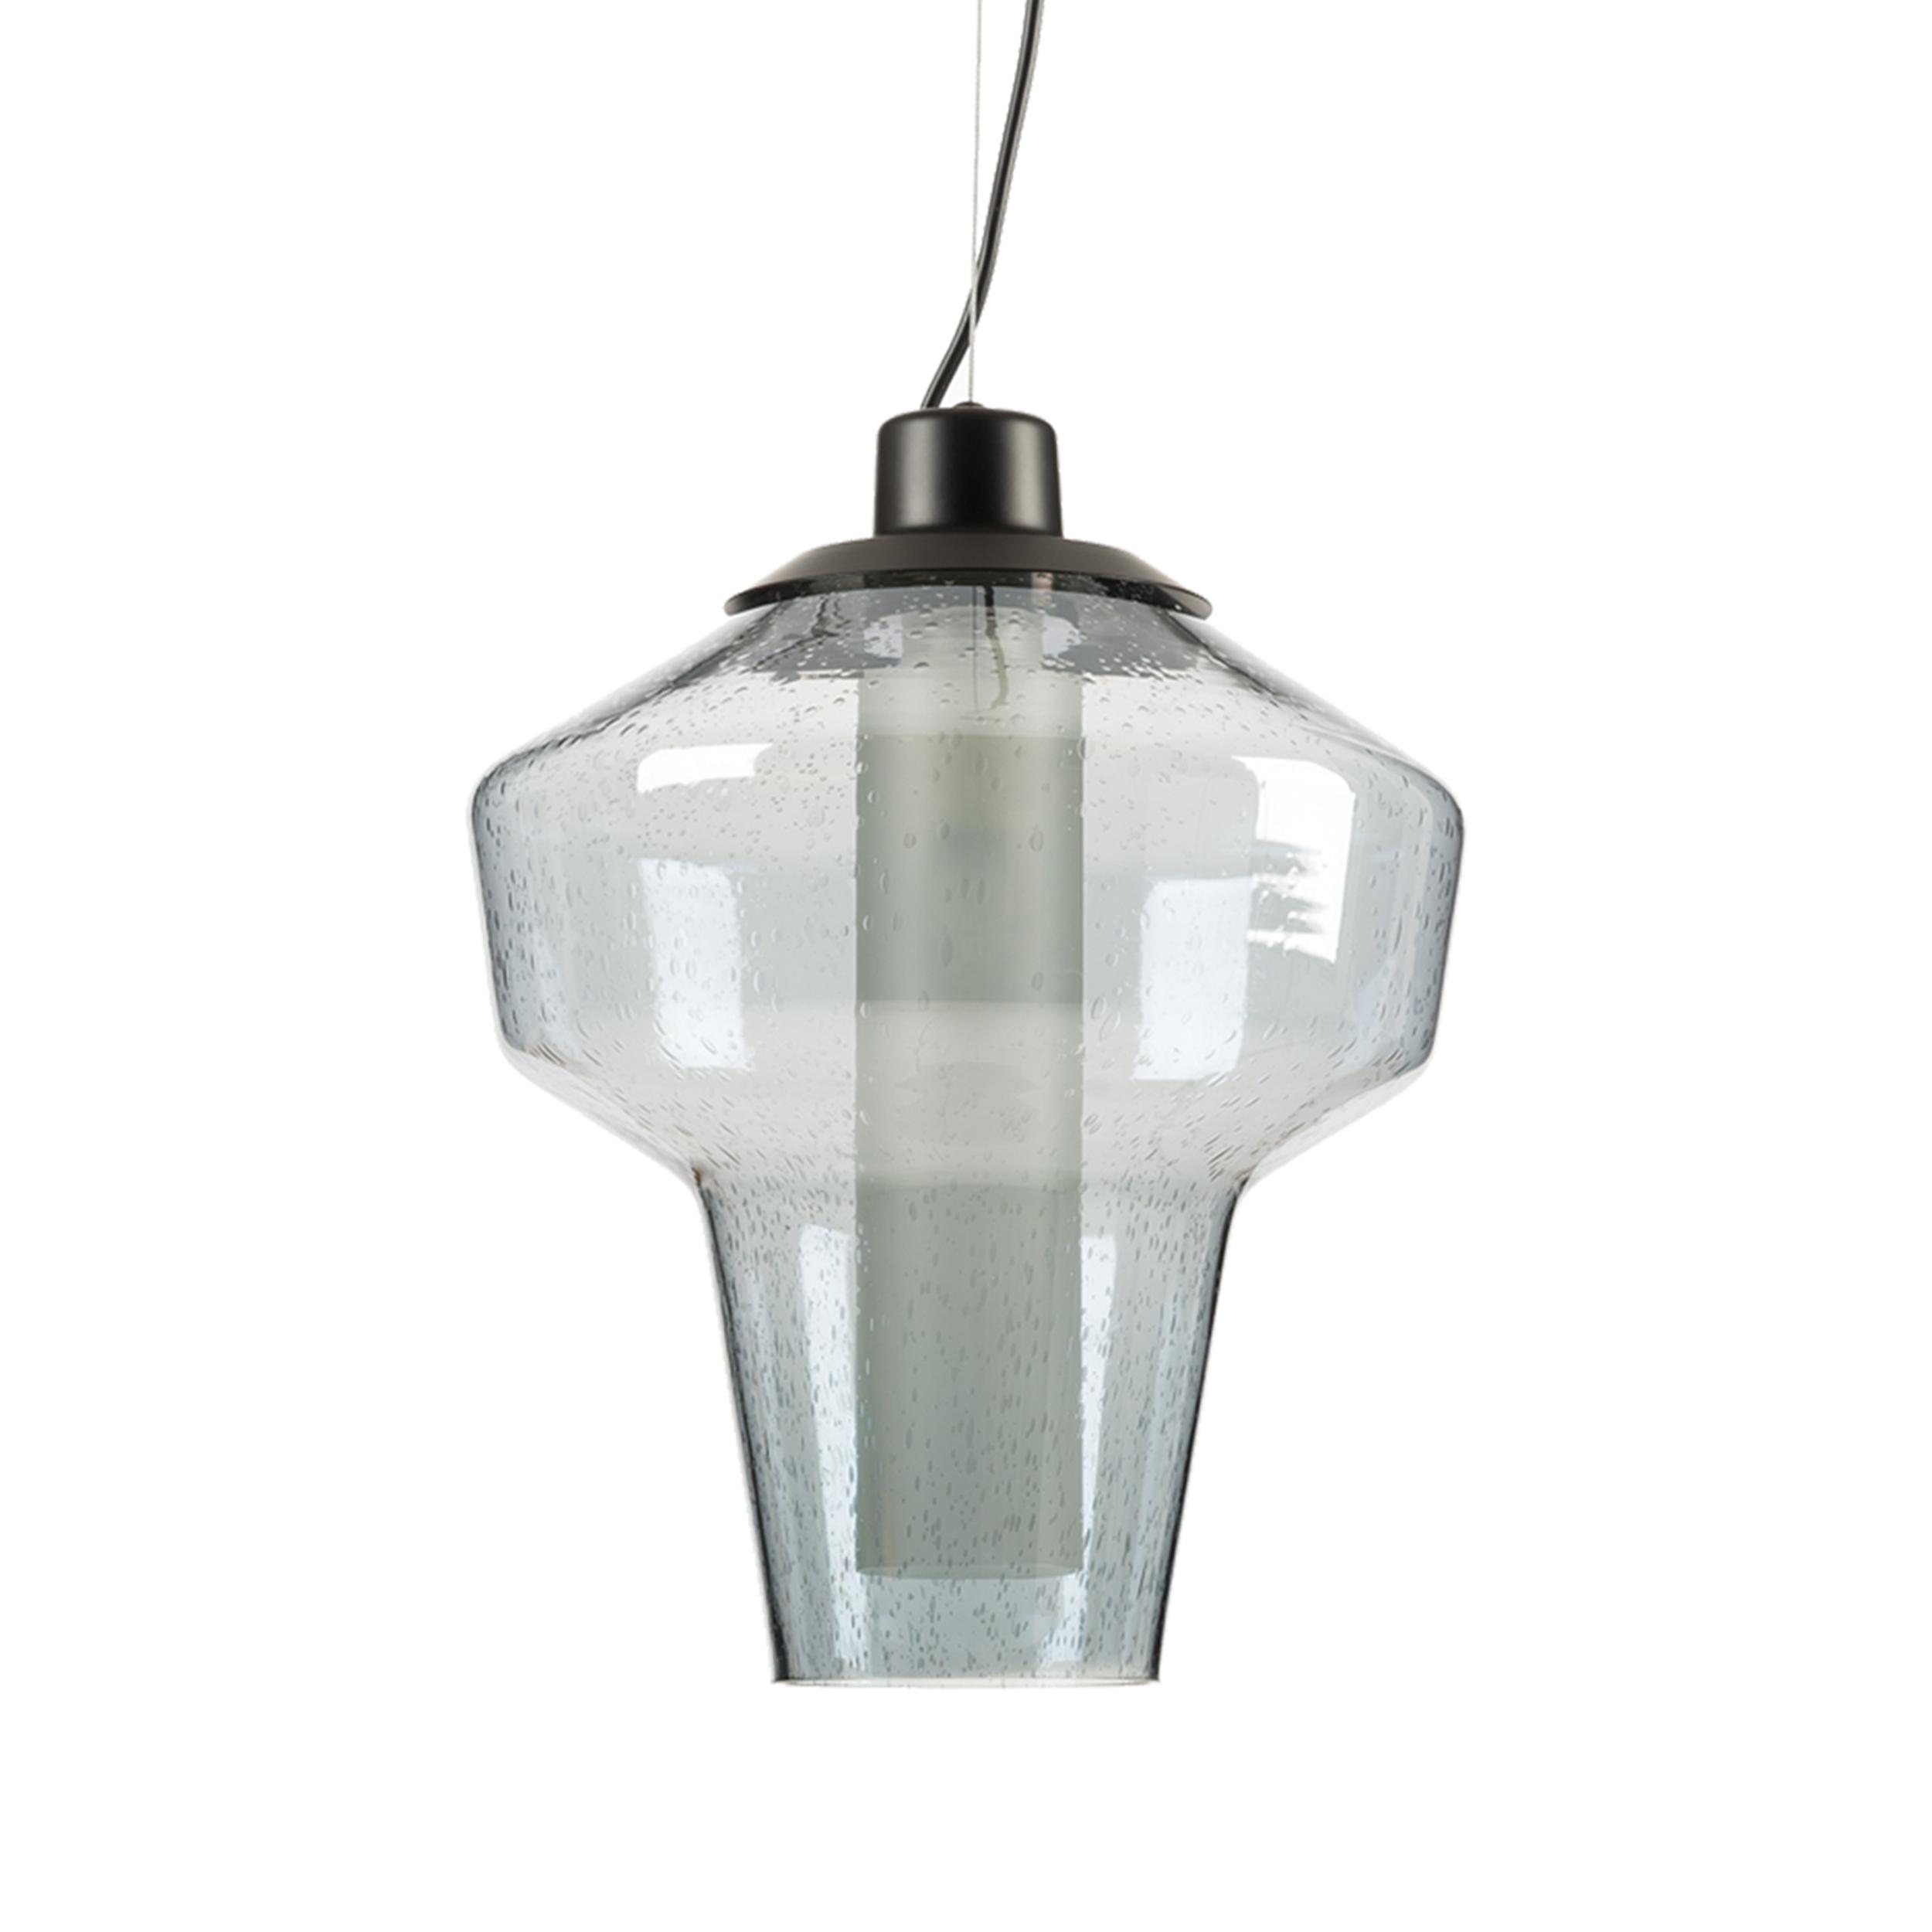 Подвесной светильник DieselПодвесные<br>Дизайн подвесного светильника Diesel разработан для тех, кто любит украшать интерьер большим количеством ламп. Подвесив несколько таких светильников рядом, вы непременно добьетесь ошеломляющего эффекта, способного порадовать ваших гостей и домашних. Минималистичный дизайн светильника освежен необычной лампой накаливания, чья форма в последнее время очень популярна в Европе и США. <br> <br> В 2009 году в компании Diesel решили запустить линейку мебели и освещения для своих клиентов. В качестве сво...<br><br>stock: 2<br>Высота: 150<br>Диаметр: 31<br>Количество ламп: 1<br>Материал абажура: Стекло<br>Мощность лампы: 40<br>Ламп в комплекте: Нет<br>Напряжение: 220<br>Тип лампы/цоколь: E14<br>Цвет абажура: Голубой